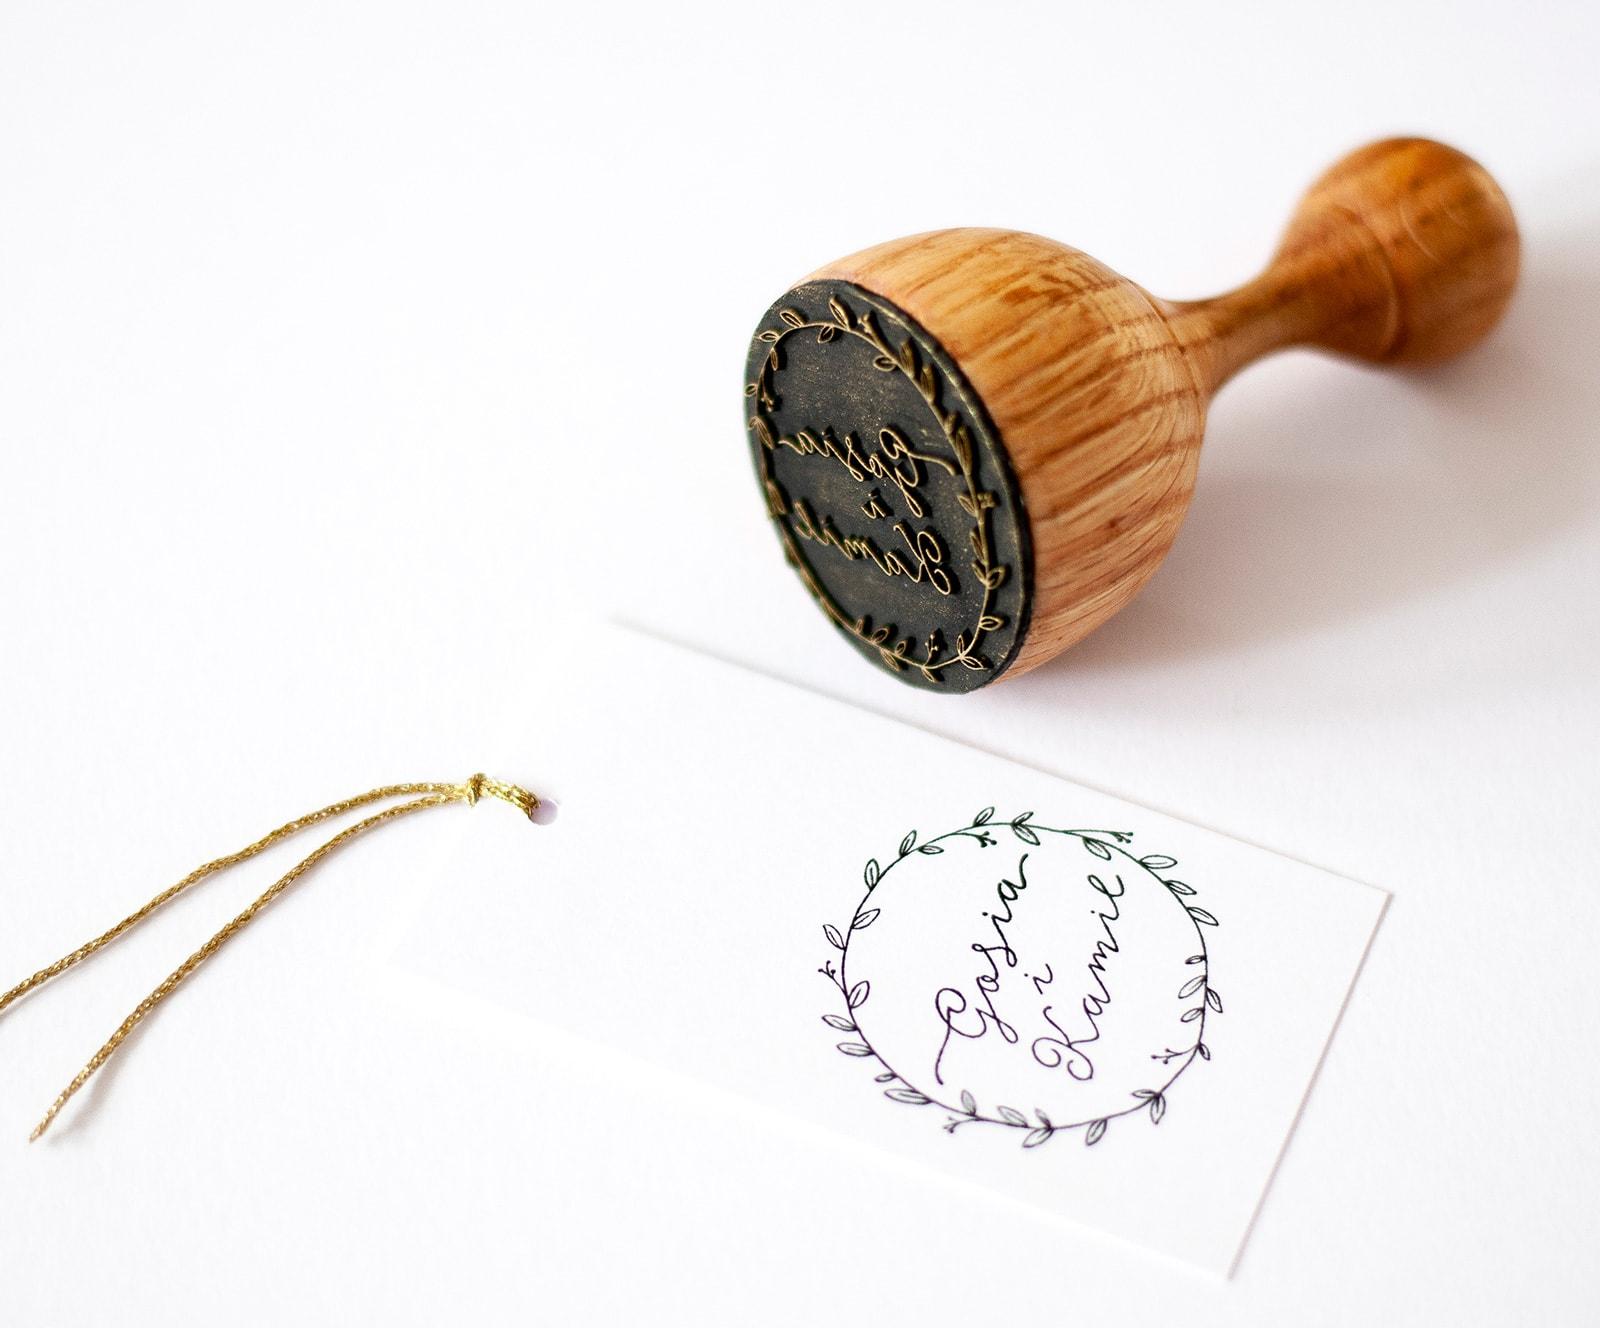 Drewniana pieczątka z imionami wewnątrz okręgu z listków